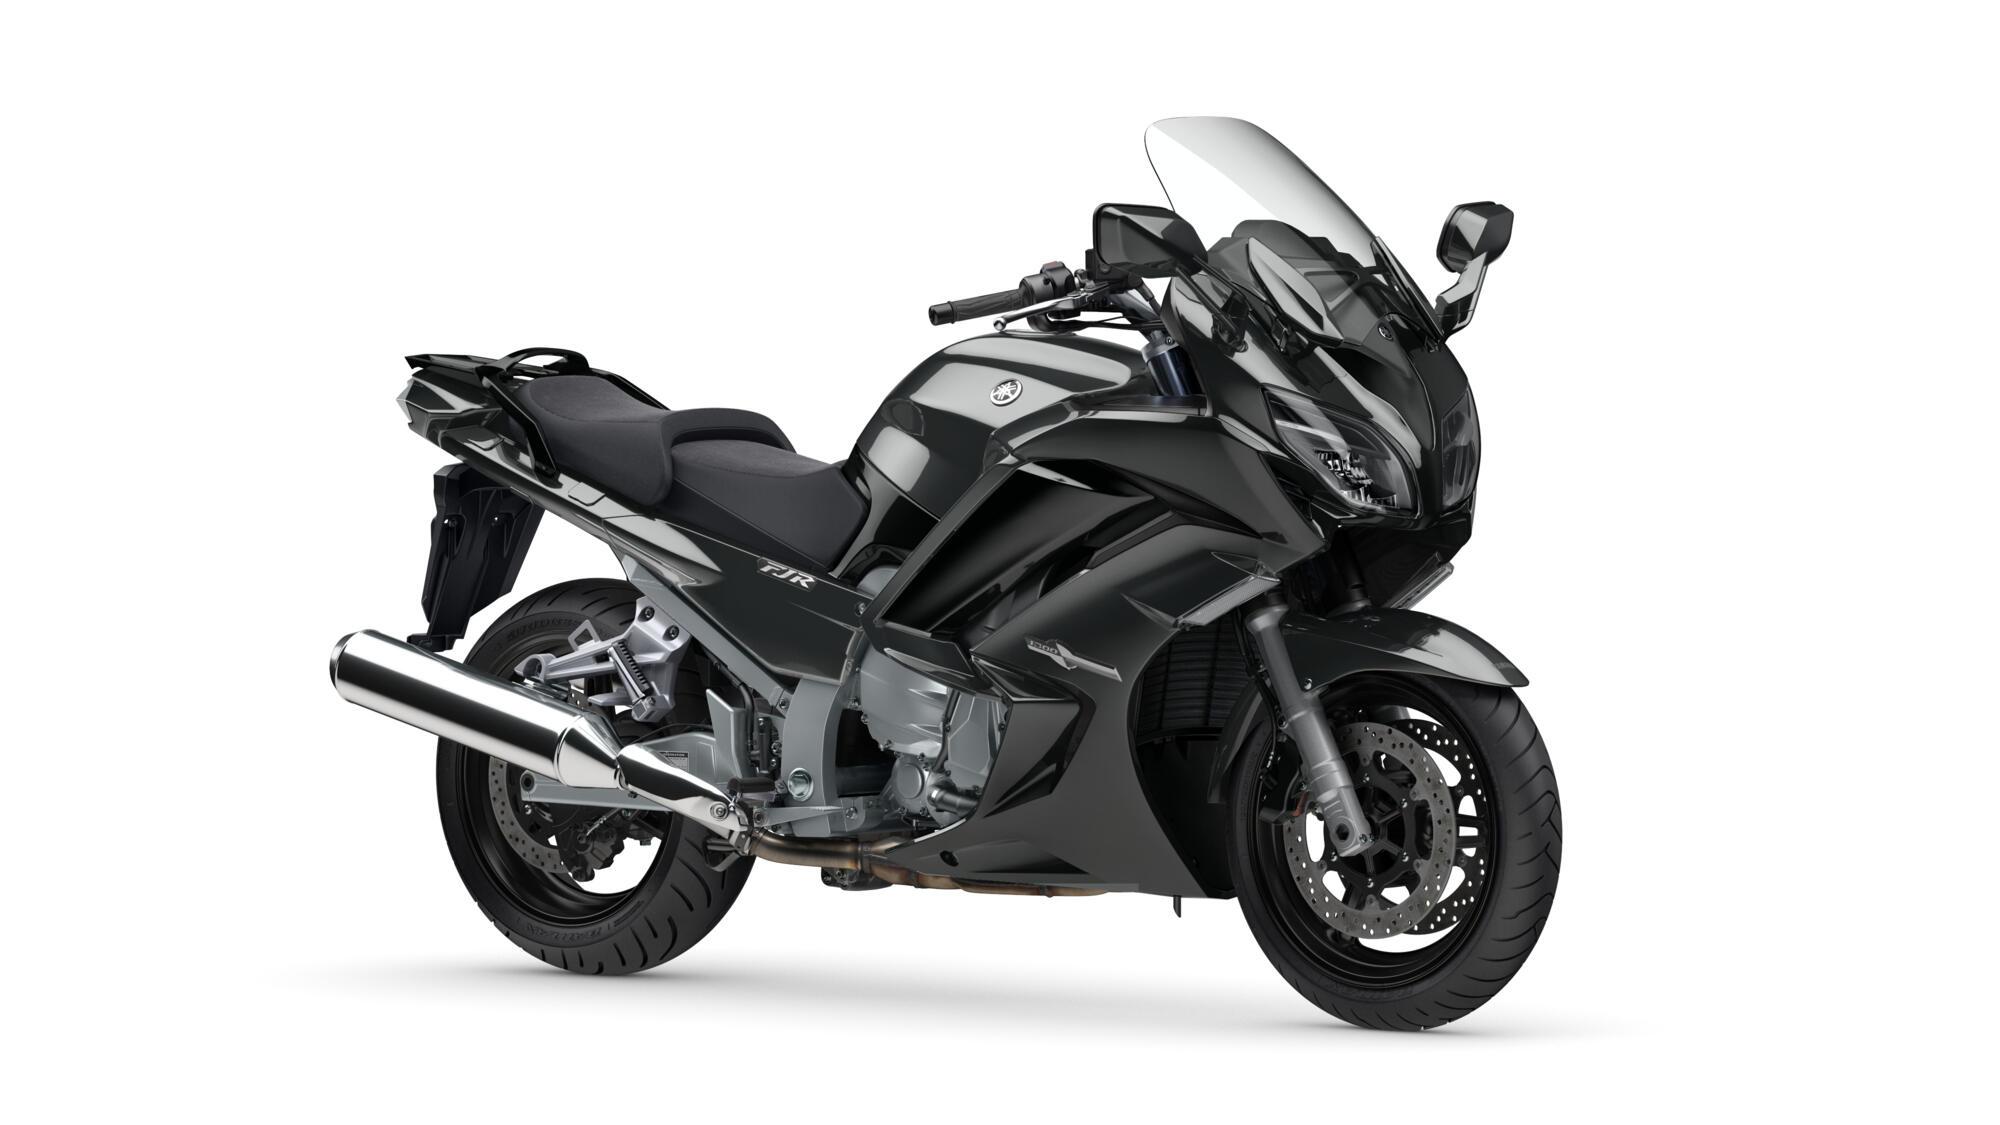 2020-Yamaha-FJR1300A-EU-Tech_Graphite-Studio-001-03